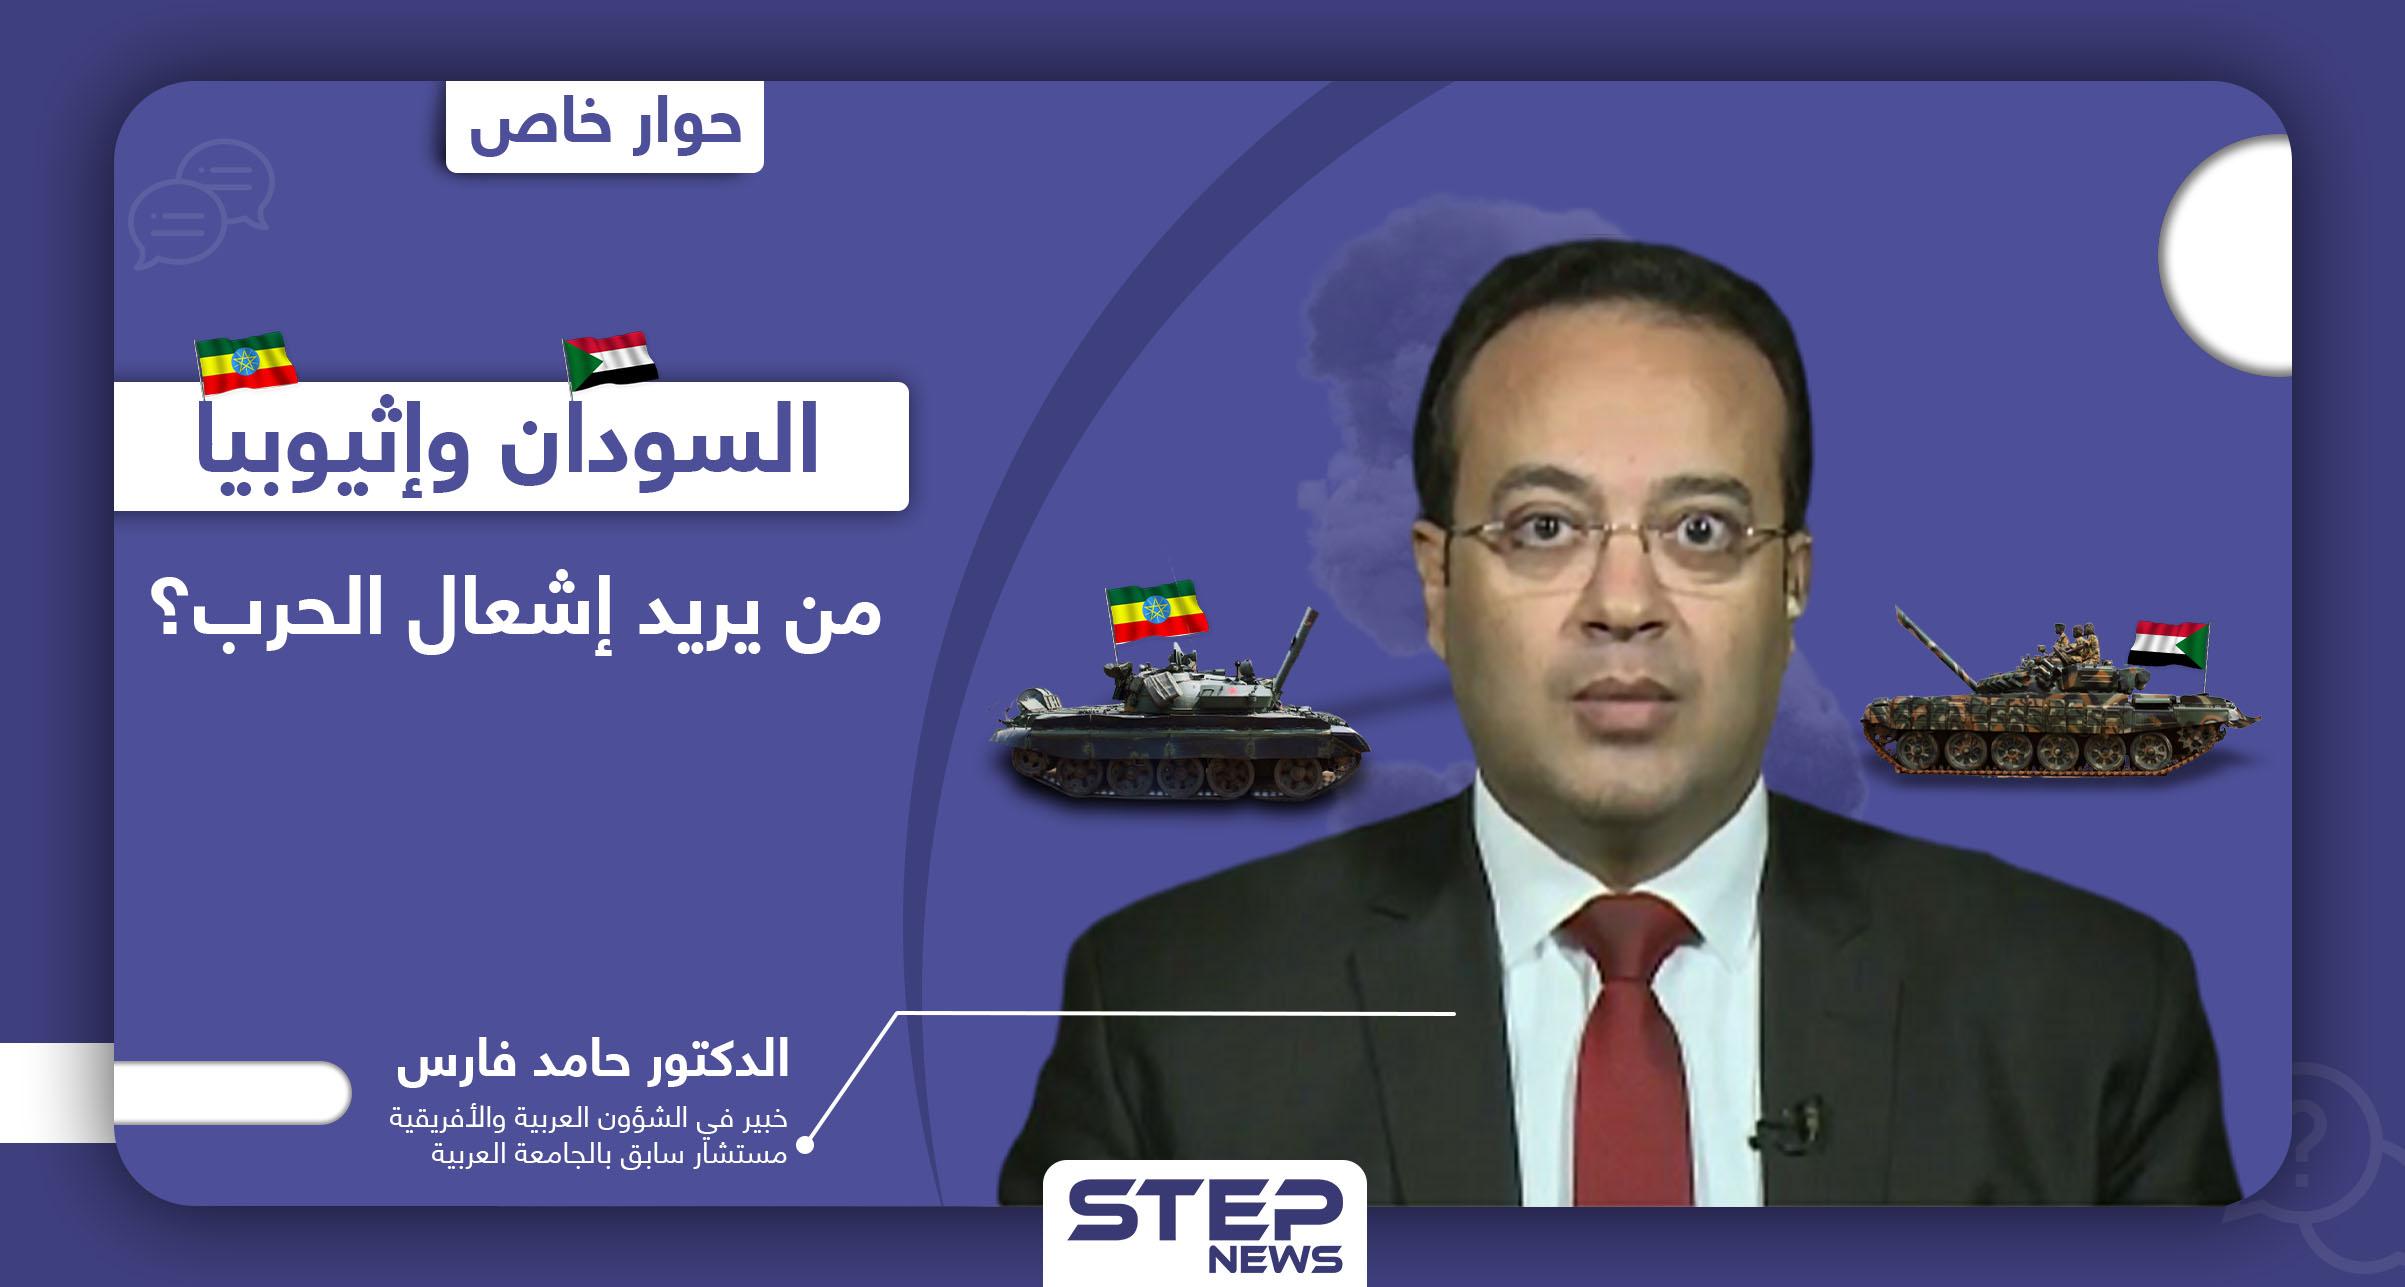 هل ستتخذ إثيوبيا قرار الحرب مع اشتداد الصراع على الحدود مع السودان.. ولِمَ زار السيسي الخرطوم